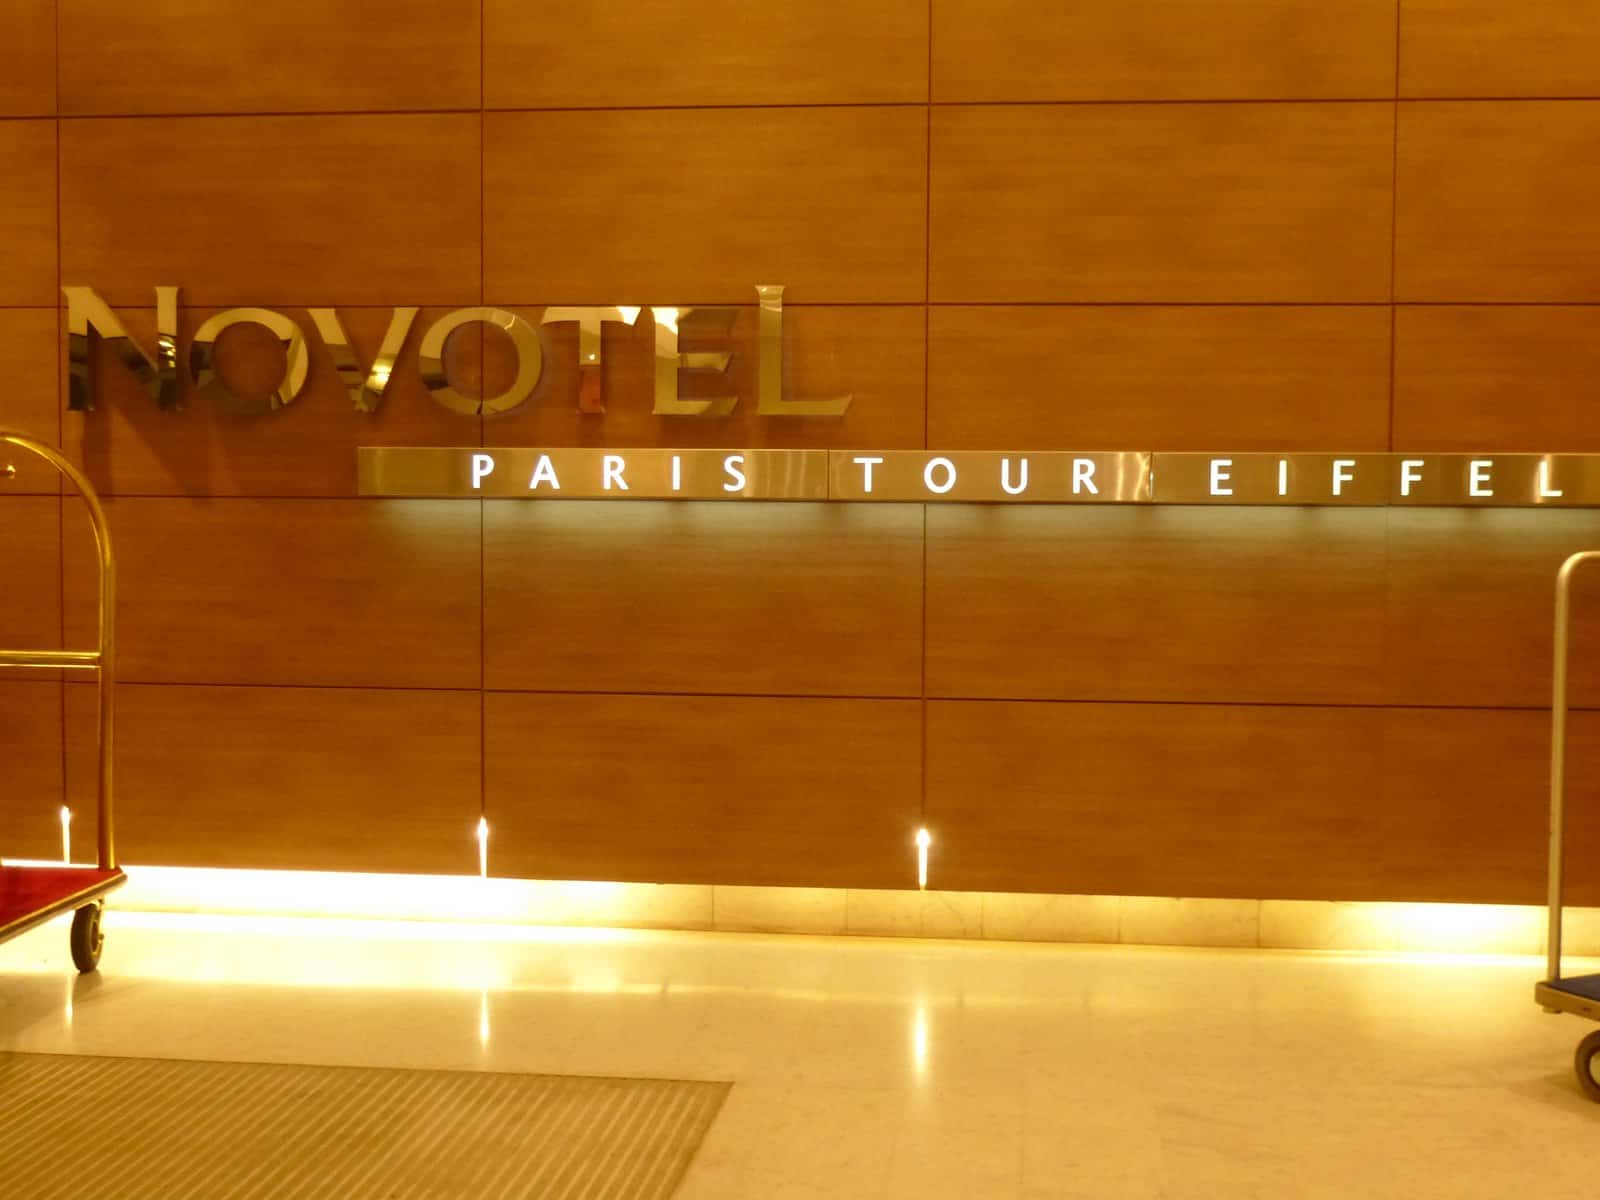 Novotel paris tour eiffel a good night s sleep without for Piscine novotel tour eiffel